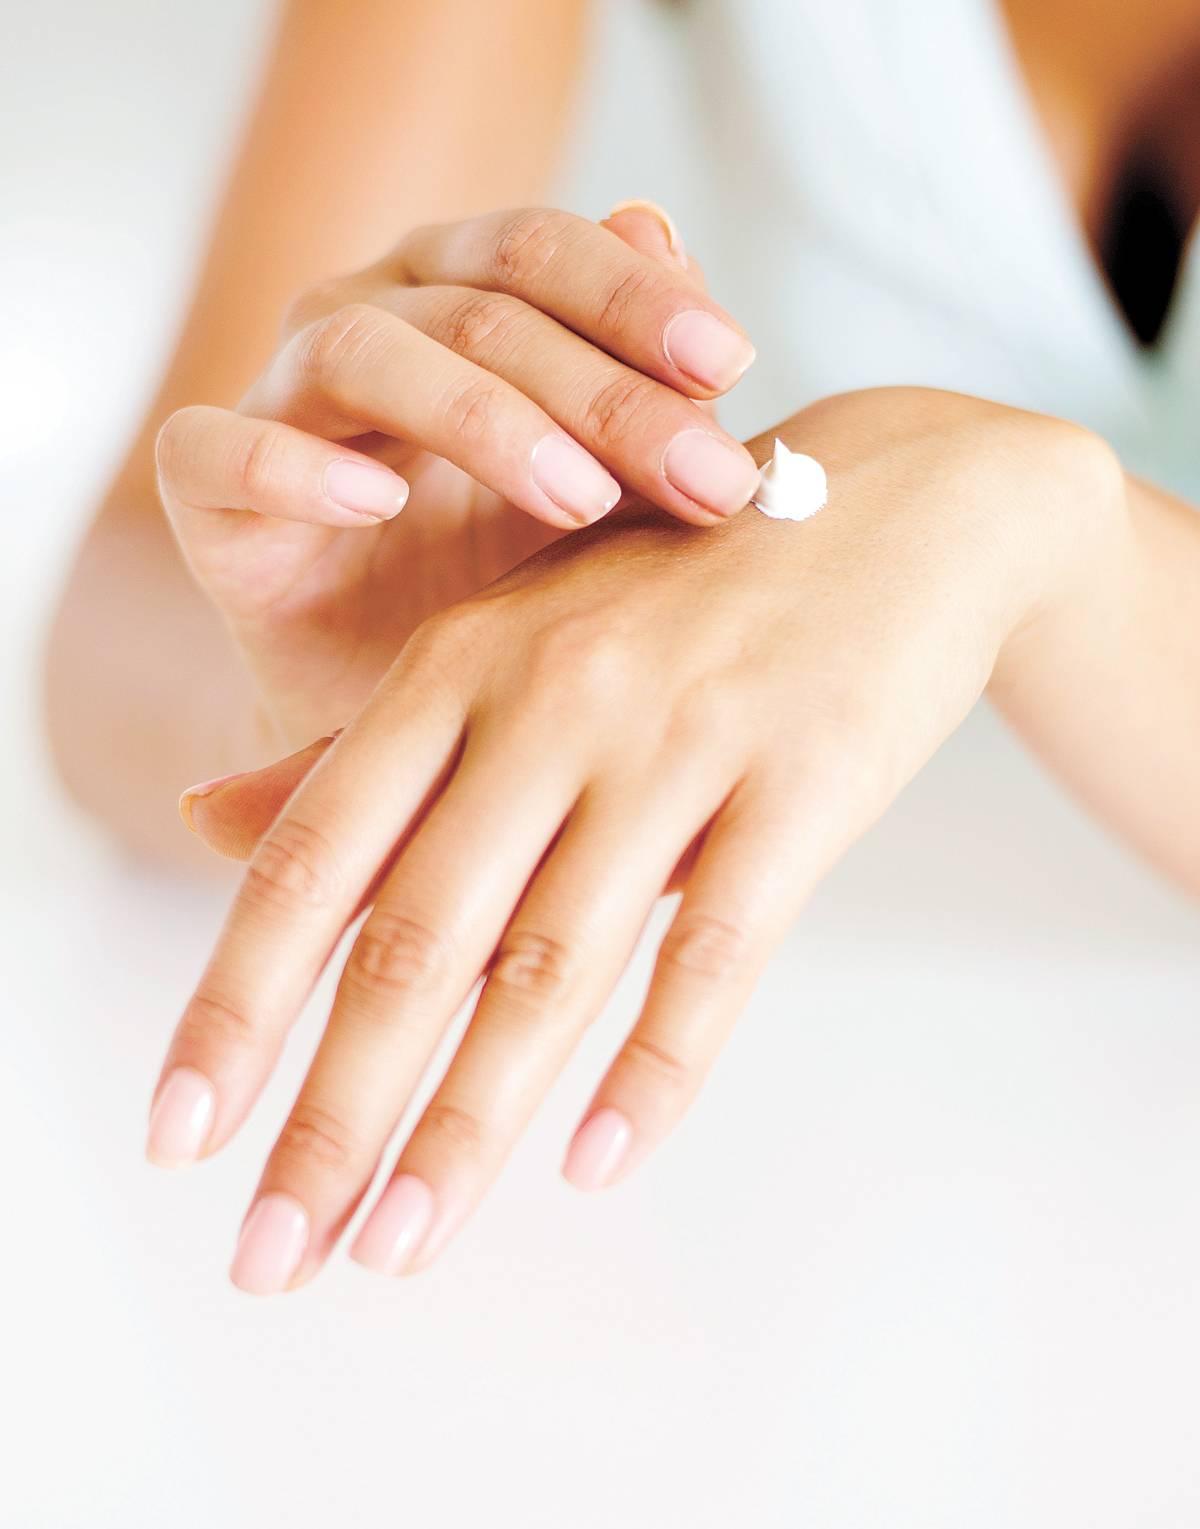 Os cremes para as mãos tendem a ser mais espessos, porém com textura mais seca para evitar desconfortos. Também é possível encontrar hidratantes com protetor solar   Image Source/ Folhapress